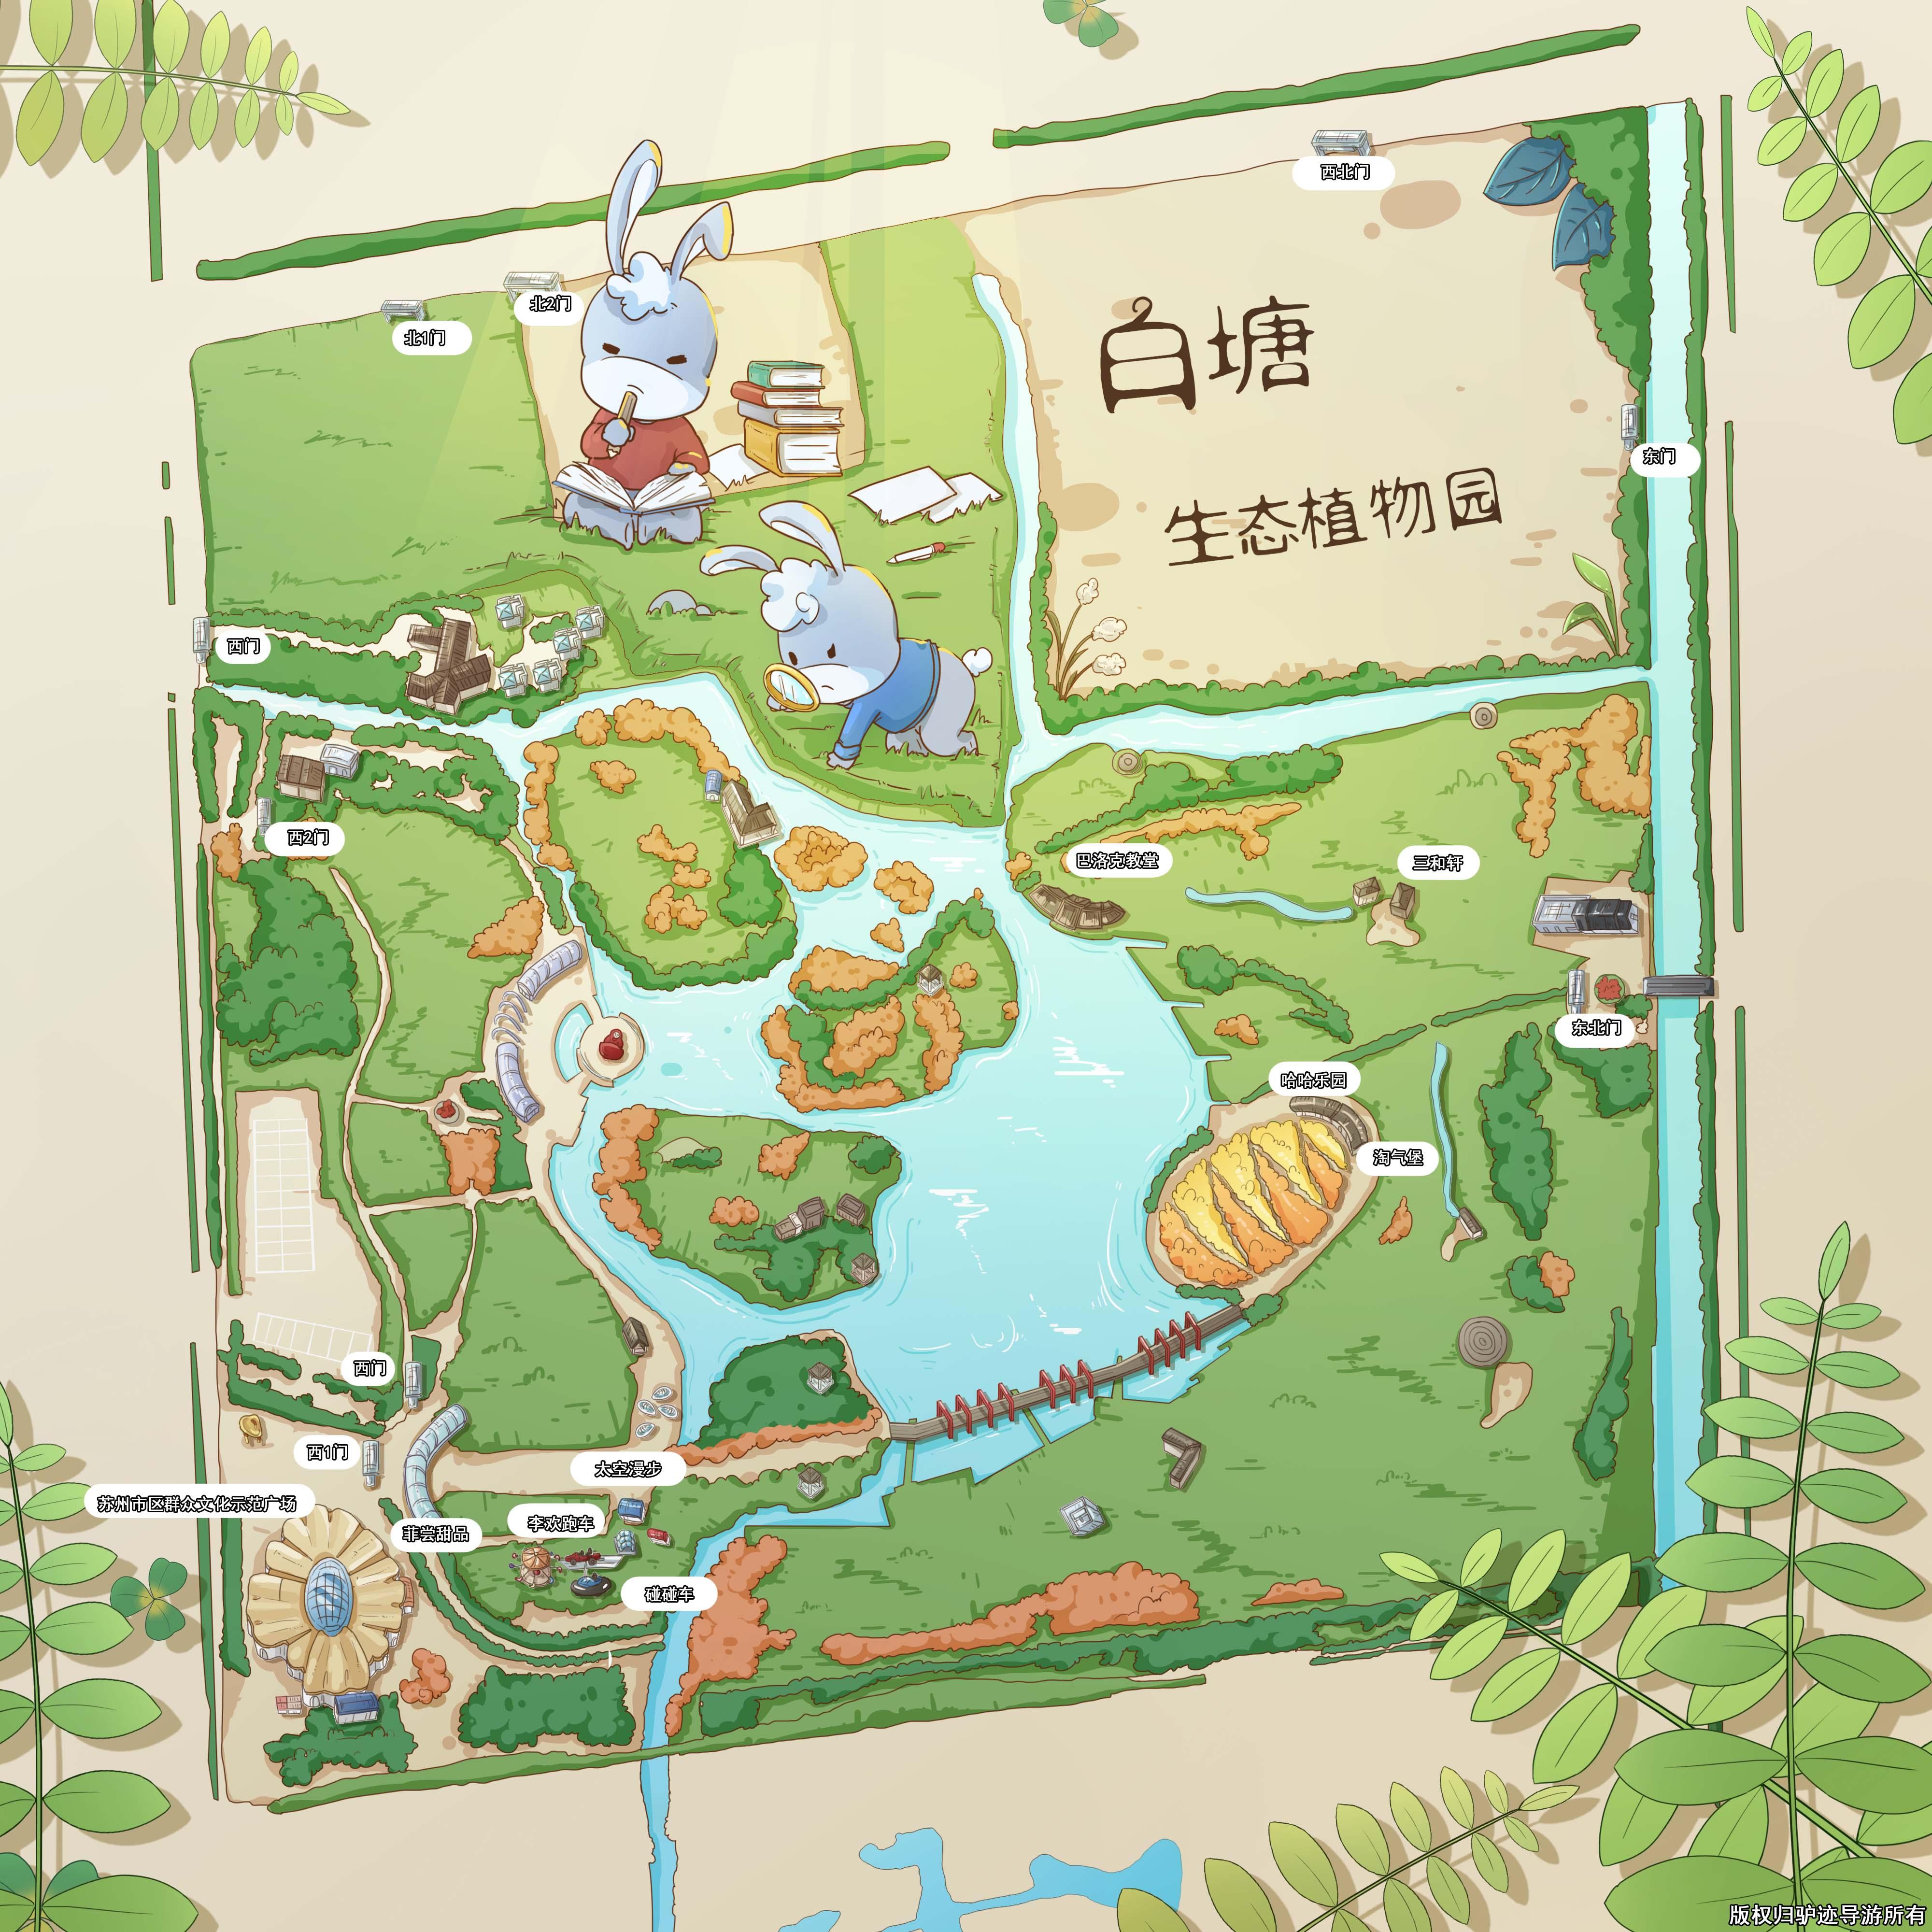 白塘生态植物园手机导游【全景地图,园内导航,线路推荐,自动讲解】